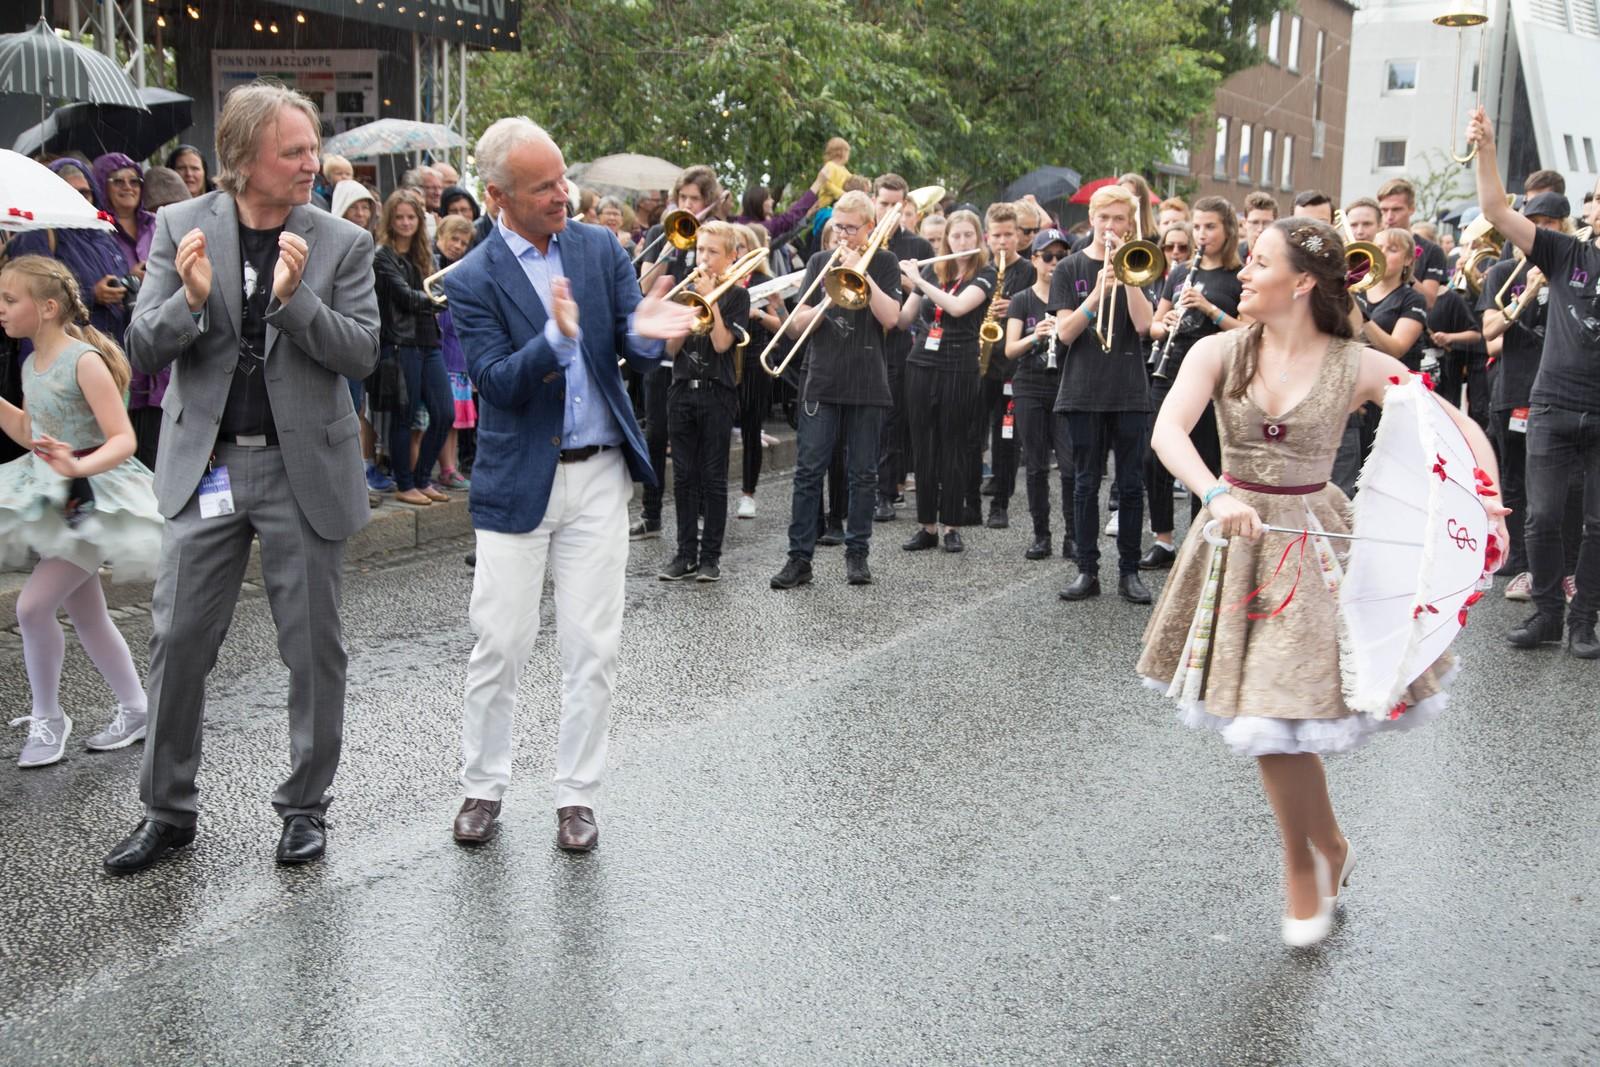 Det blir gateparade under jazzfestivalen hver dag klokka 11.30.